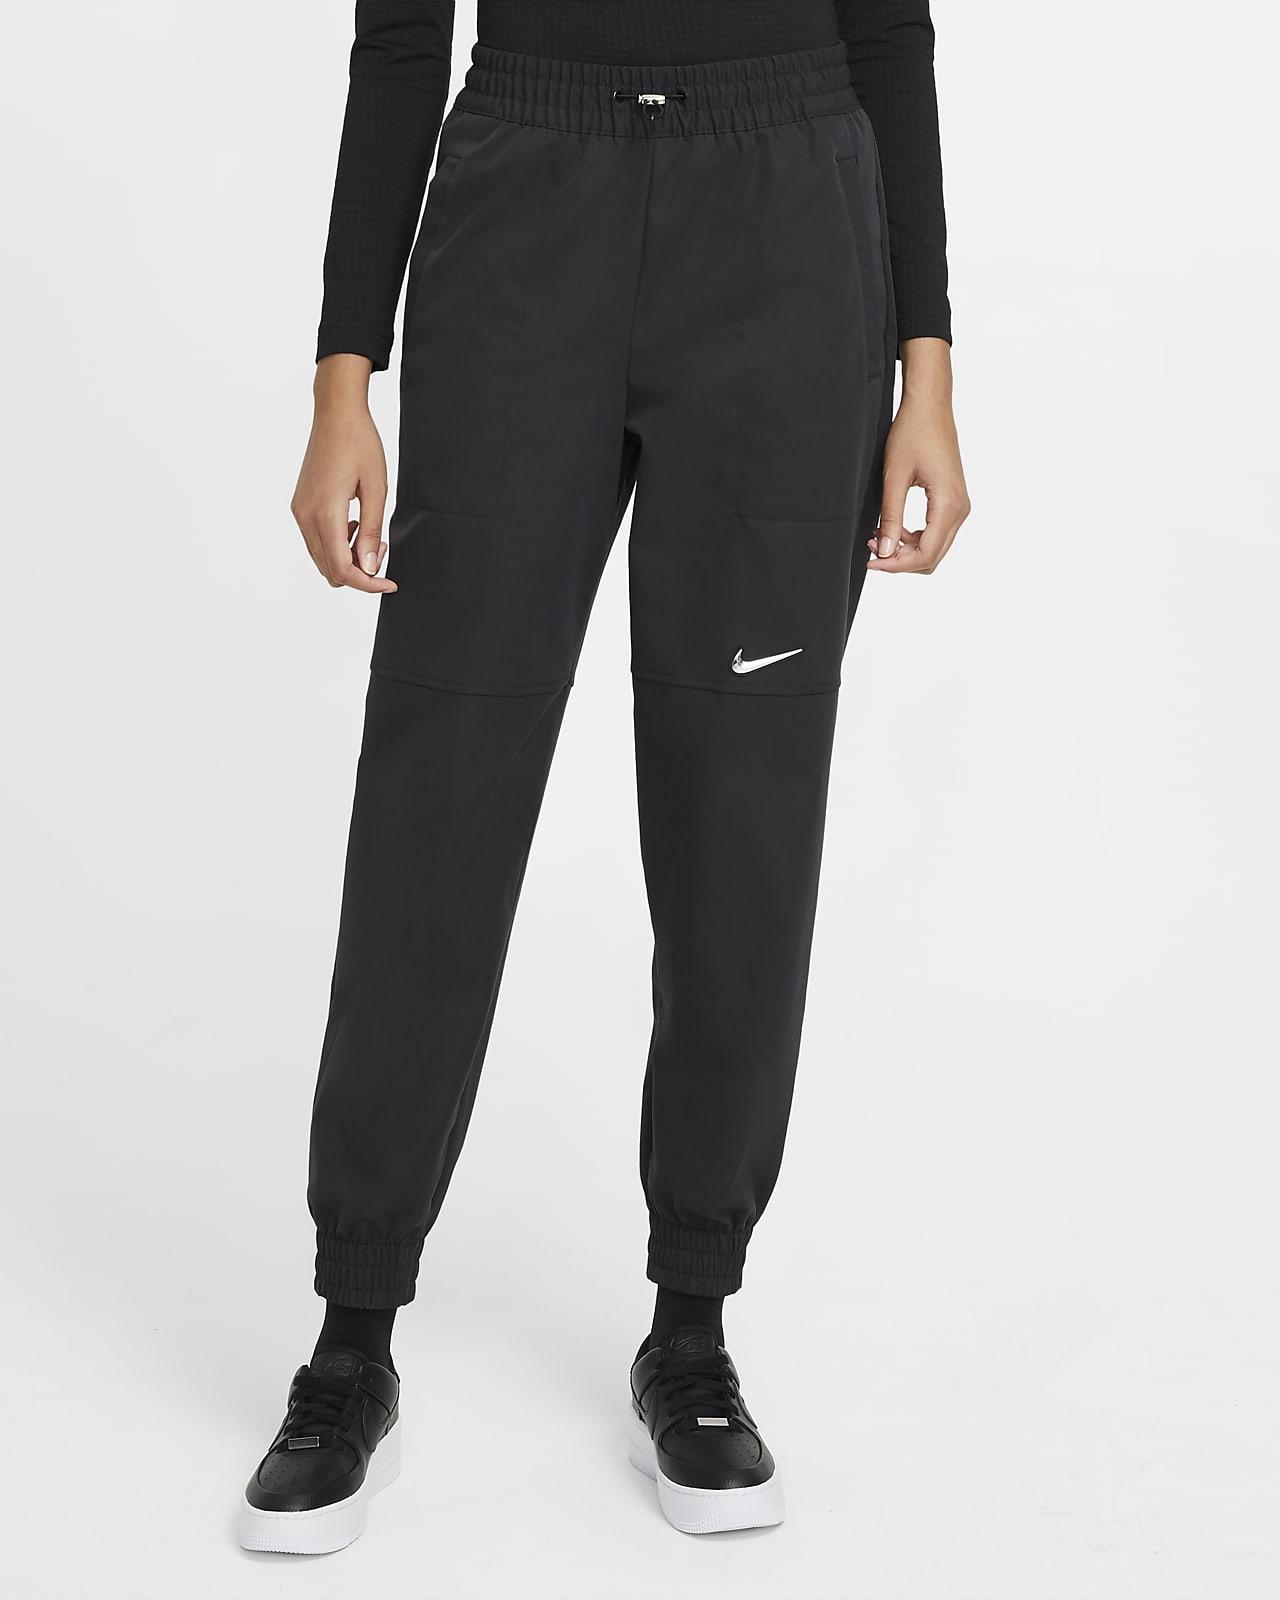 Pantalones tejidos para mujer Nike Sportswear Swoosh